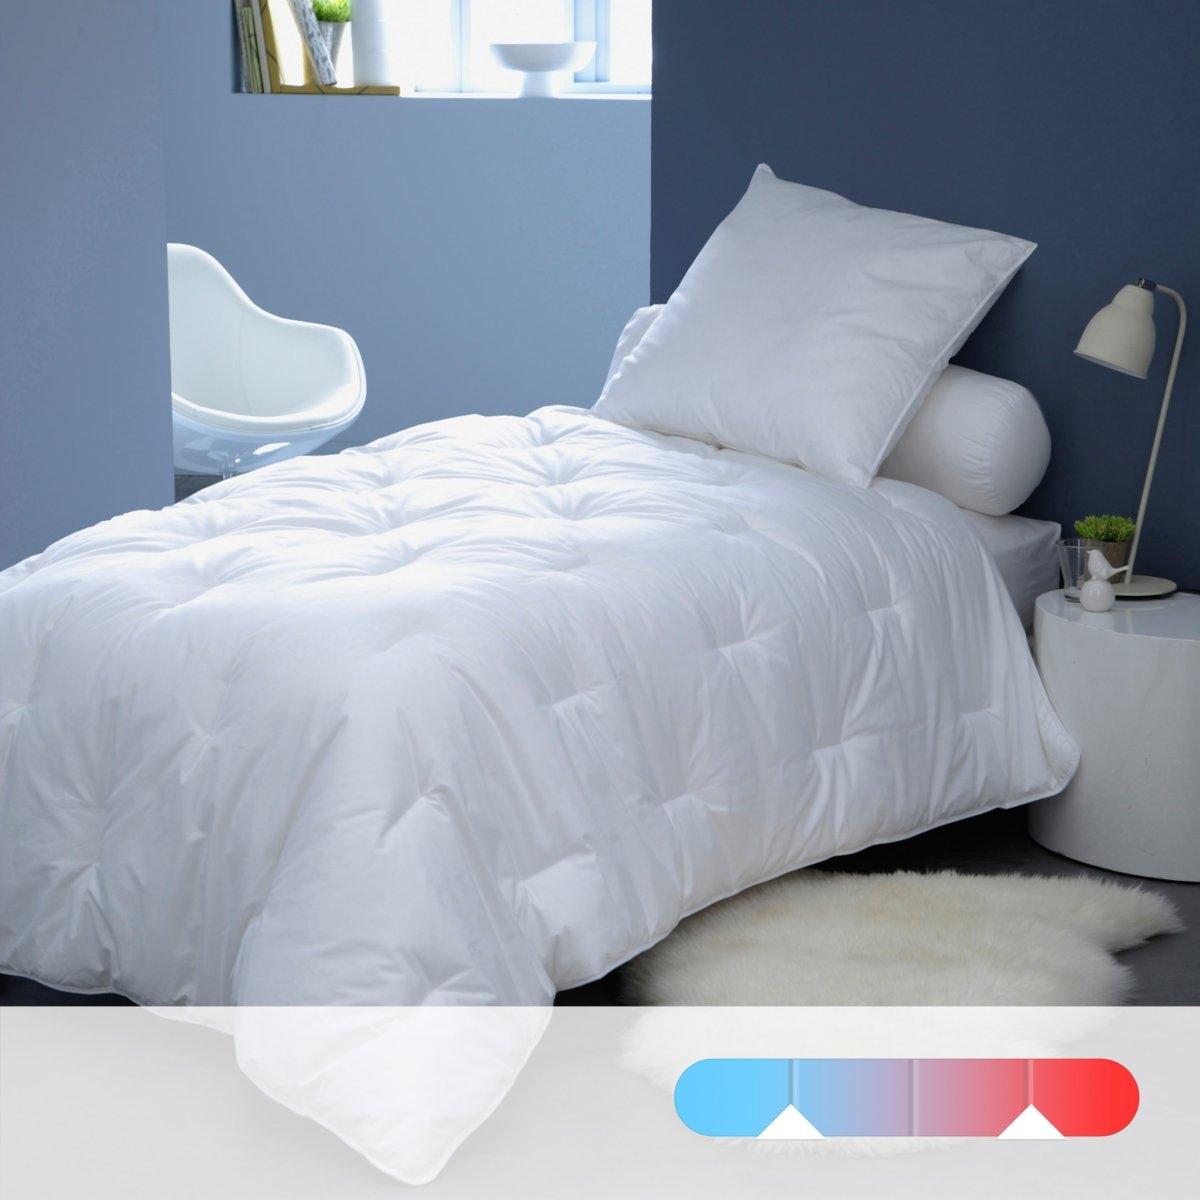 Одеяло синтетическое 4 сезона Quallofil Air, LESTR mercury постельные принадлежности набор 4 штуки простыня с набивной чехол на одеяло 100